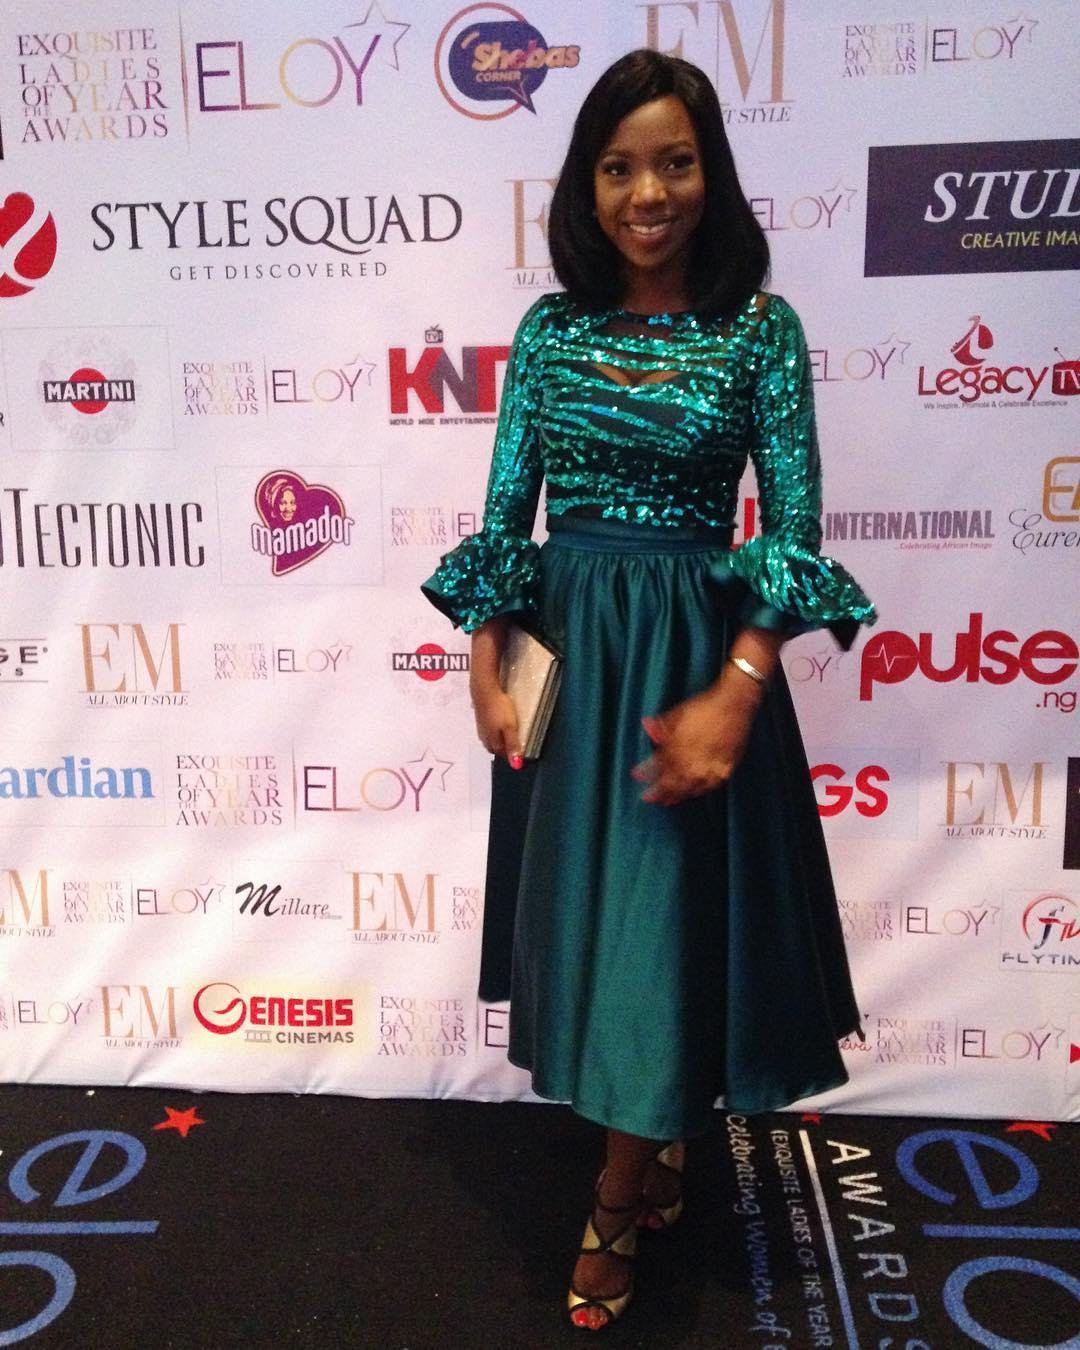 Eloy Awards 2017